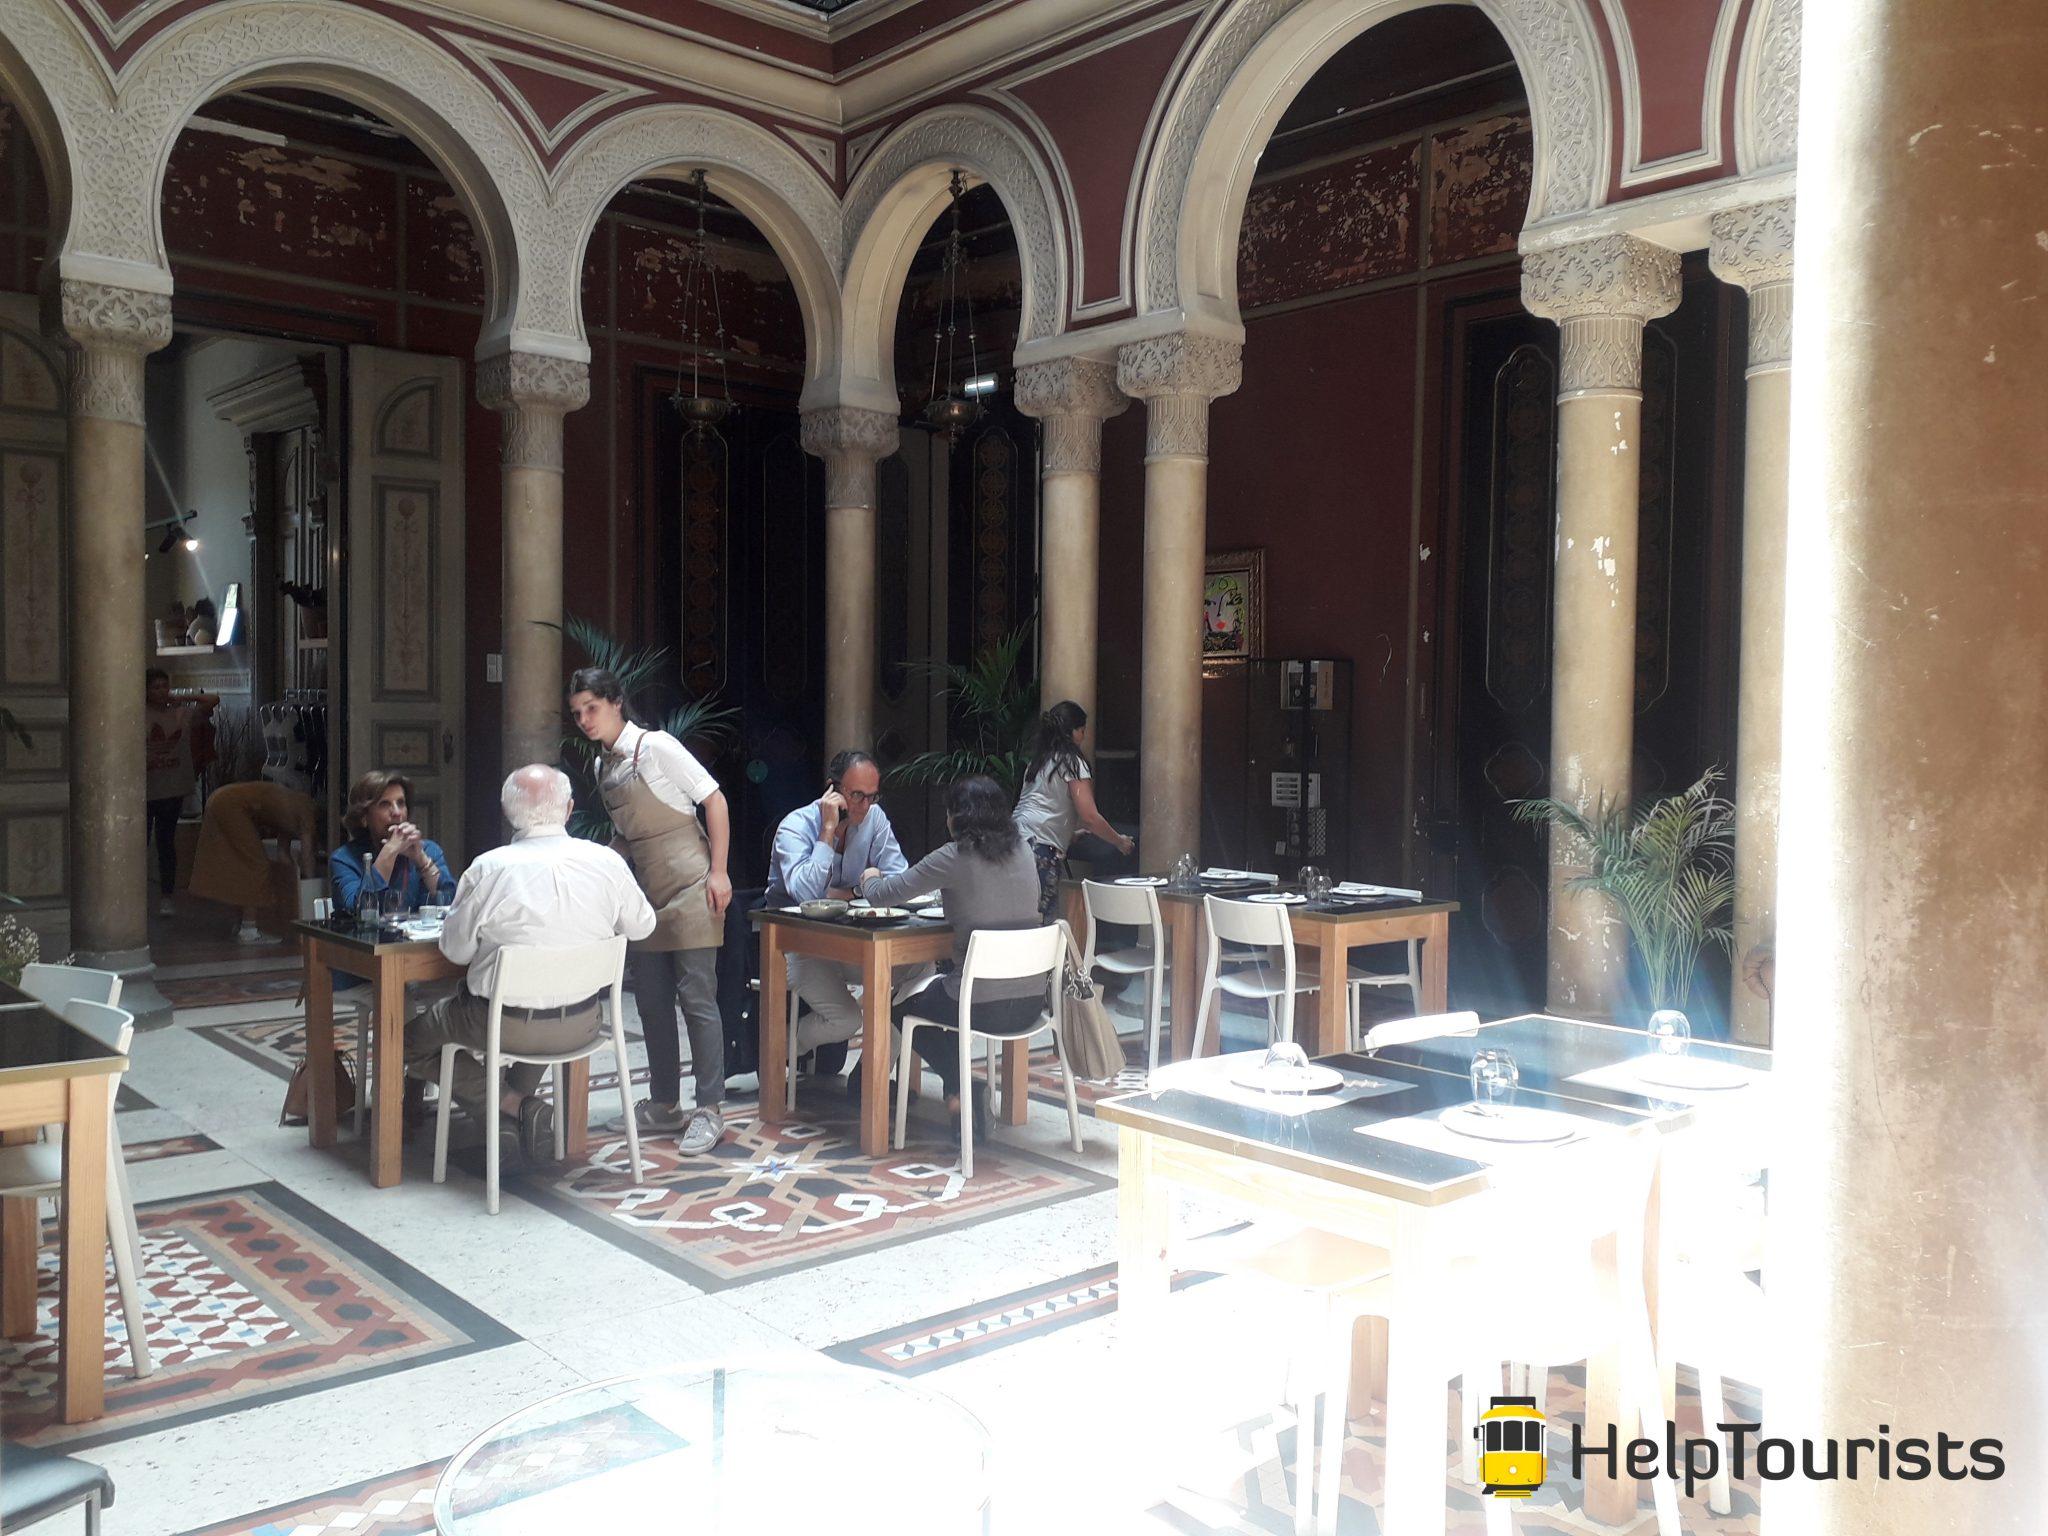 Lisbonne centre commercial Restaurant Shopping I